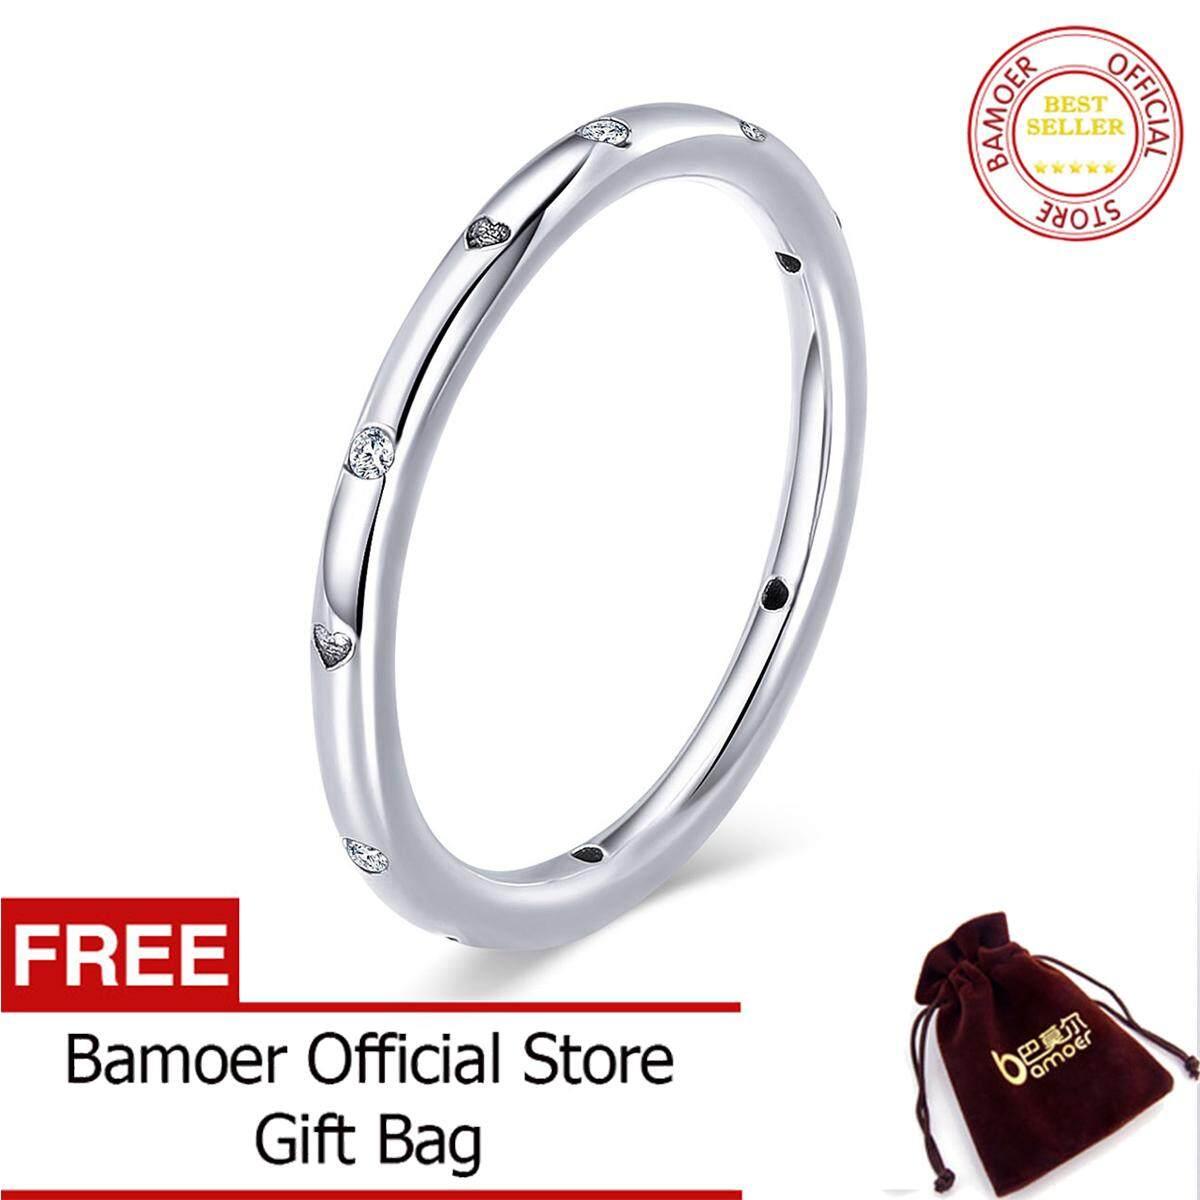 Bamoer Gratis Shpping 100% 925 Perak Berkilau Agustus Bening CZ Kristal Bulat Pertunangan Jari Cincin untuk Wanita Sterling Perhiasan Perak S925 SCR374